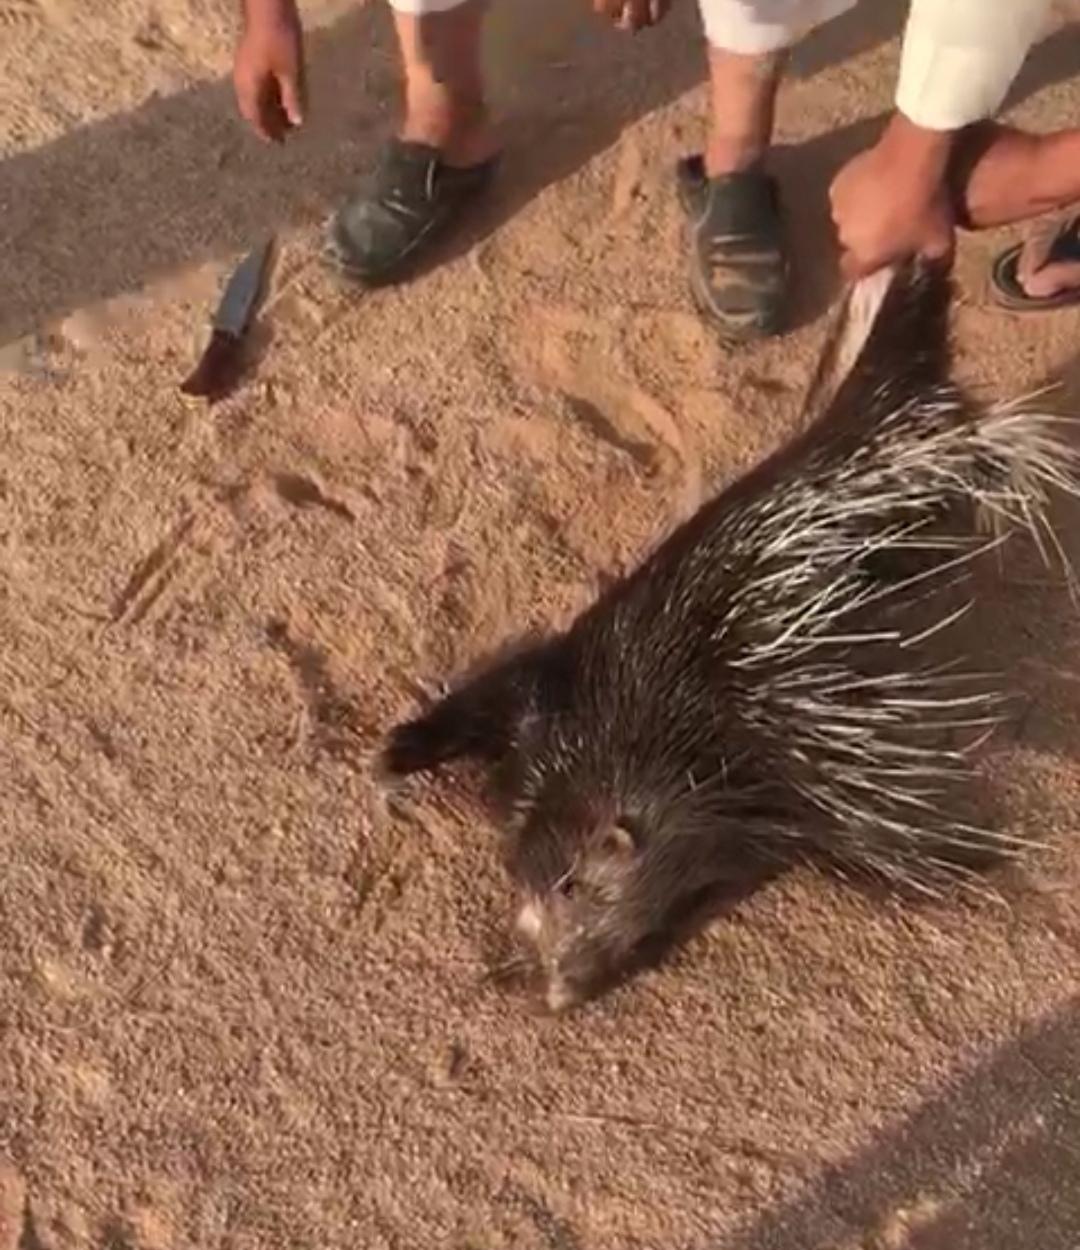 هواة البر يصطادون حيوانات مفترسة ويصنعون منها وجبتهم